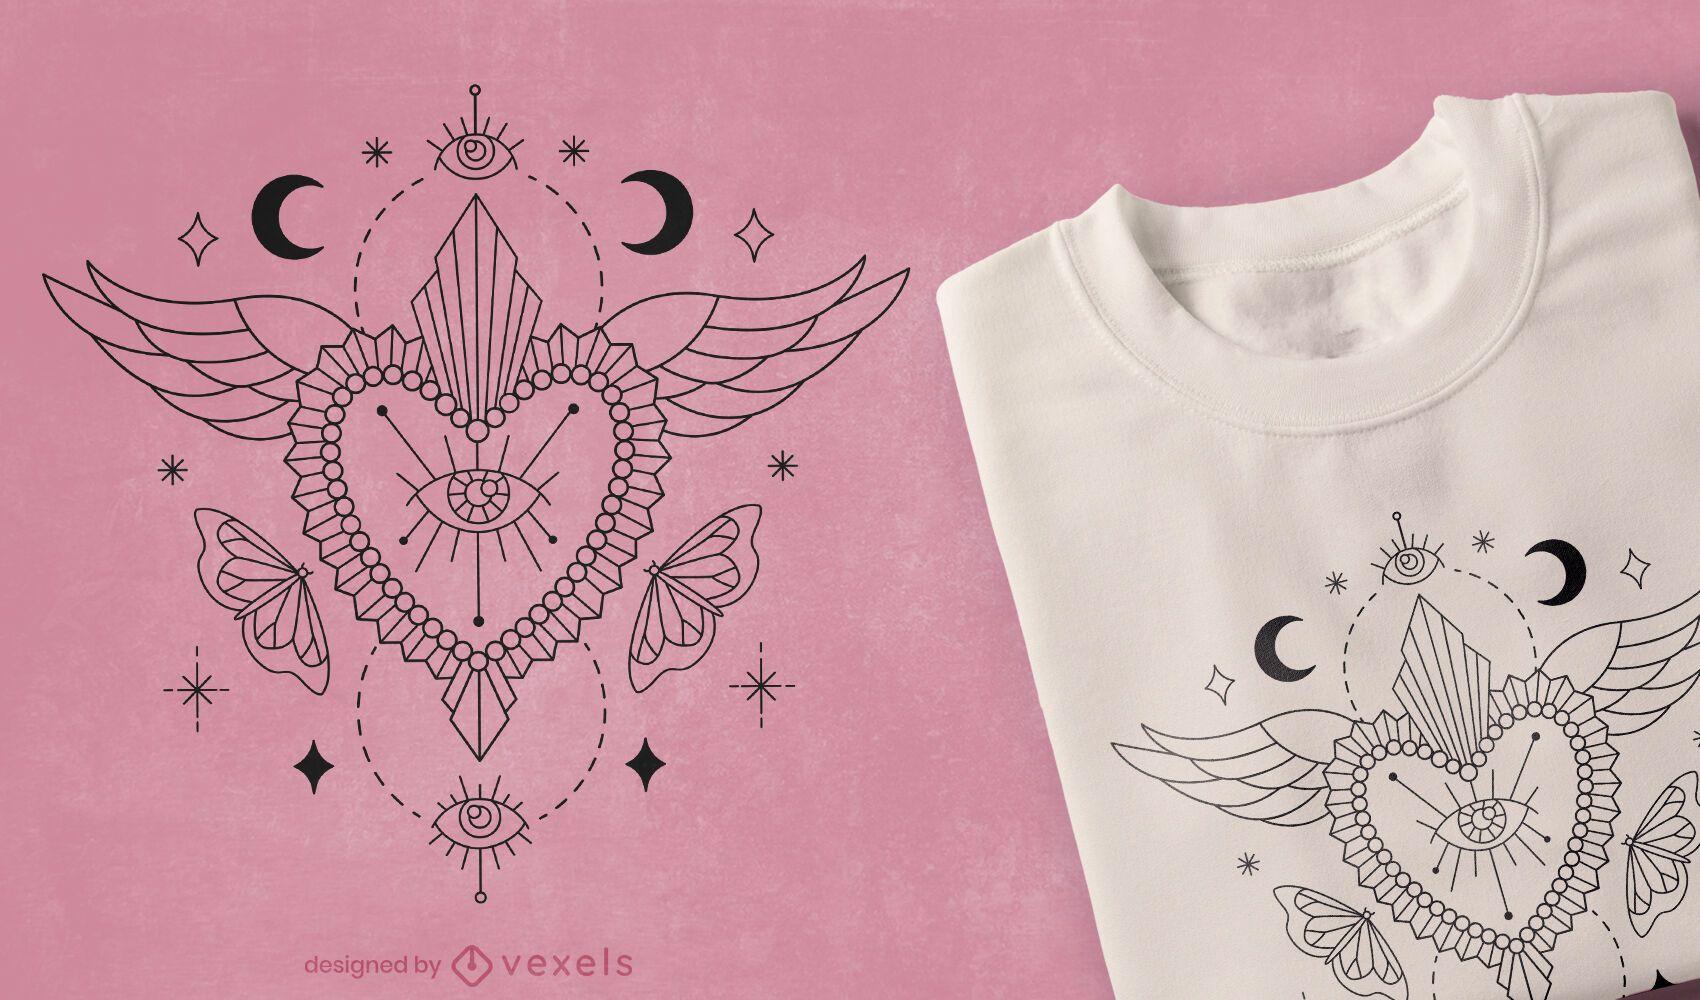 Mystical heart t-shirt design